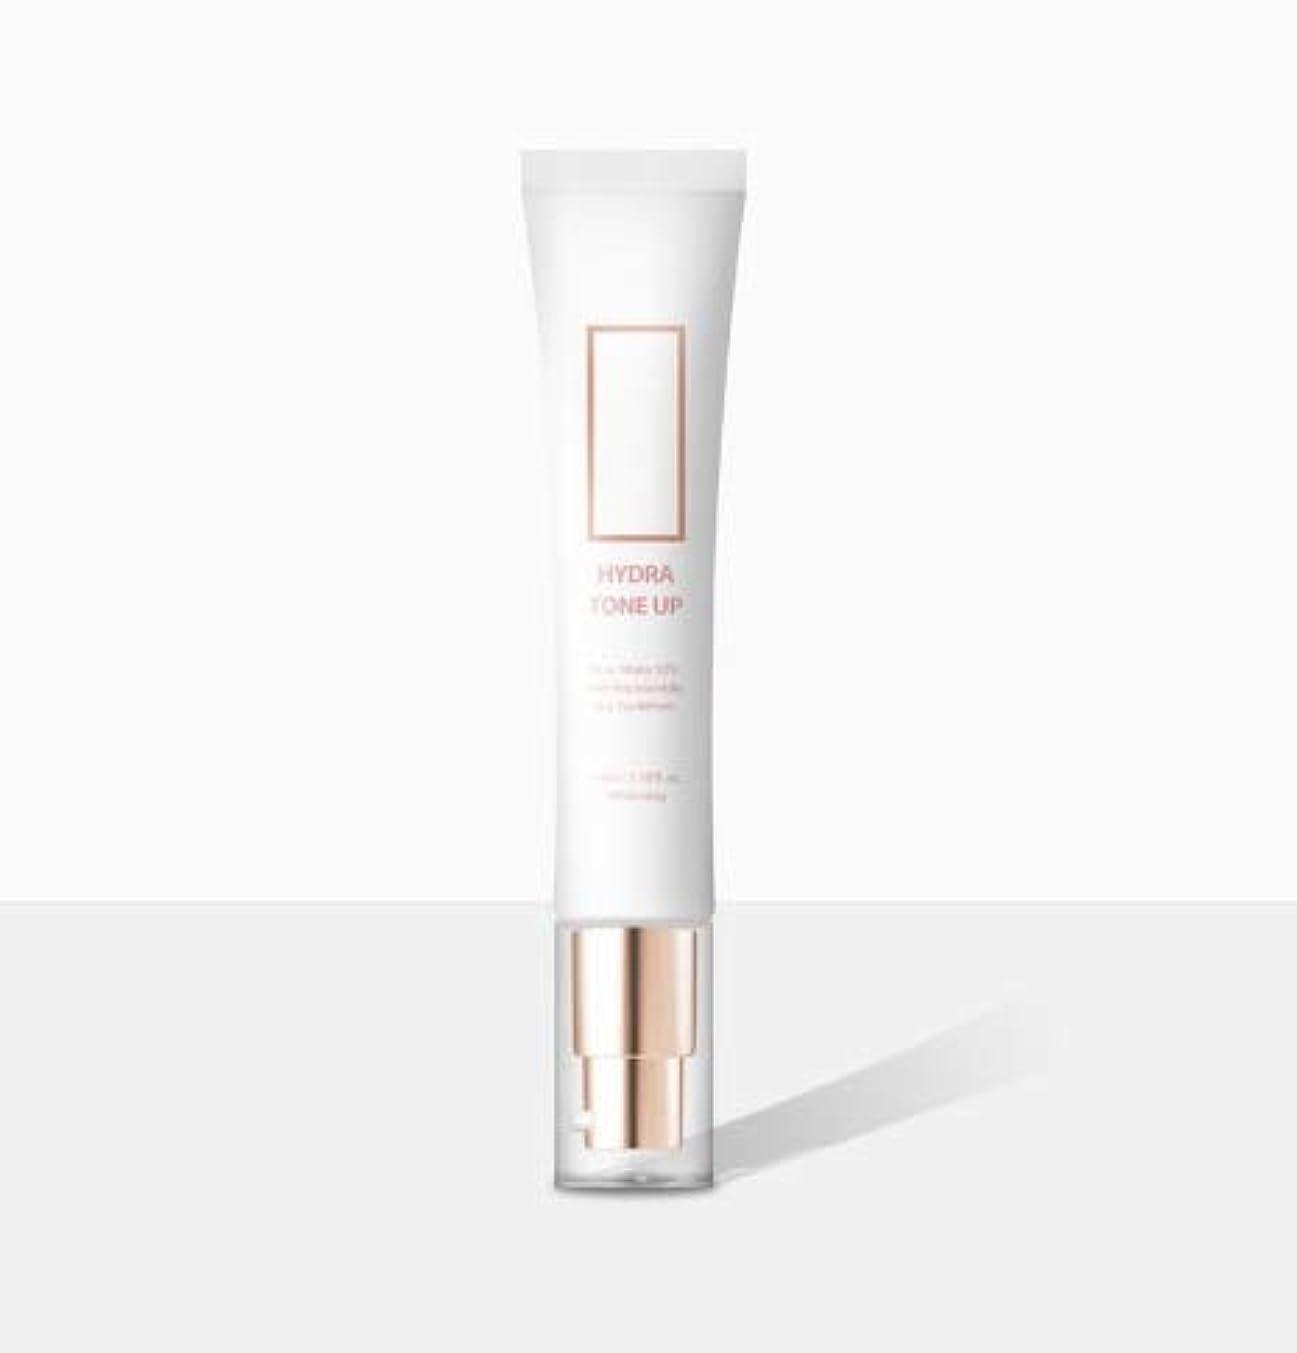 恋人オーバーフロー大惨事AIDA 10mgRx ヒドラトーンアップクリーム 35ml (すべての肌タイプのために、明るくしわ) / Hydra Tone-Up Cream